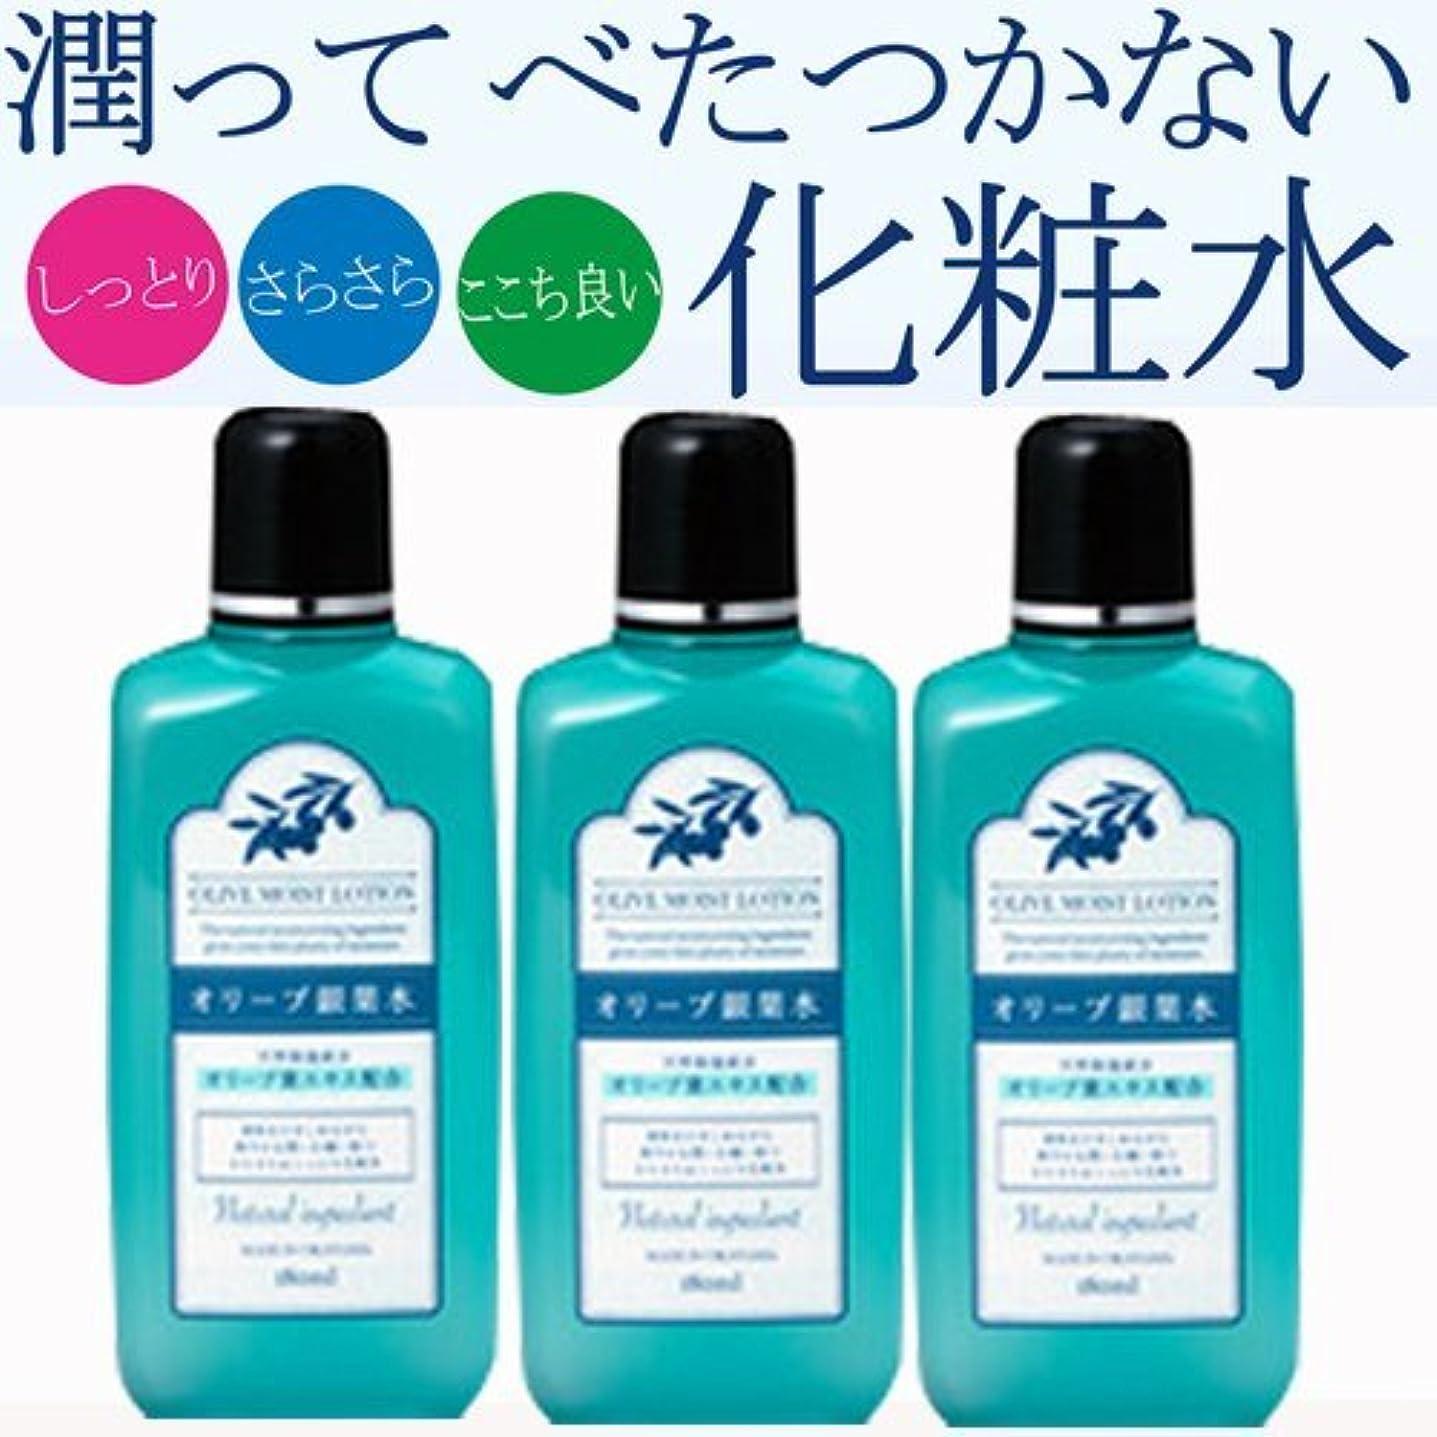 事前調子疑わしい【3個】日本オリーブ オリーブマノン リーフローション(銀葉水) 180ml x3個(4965363005917-3)